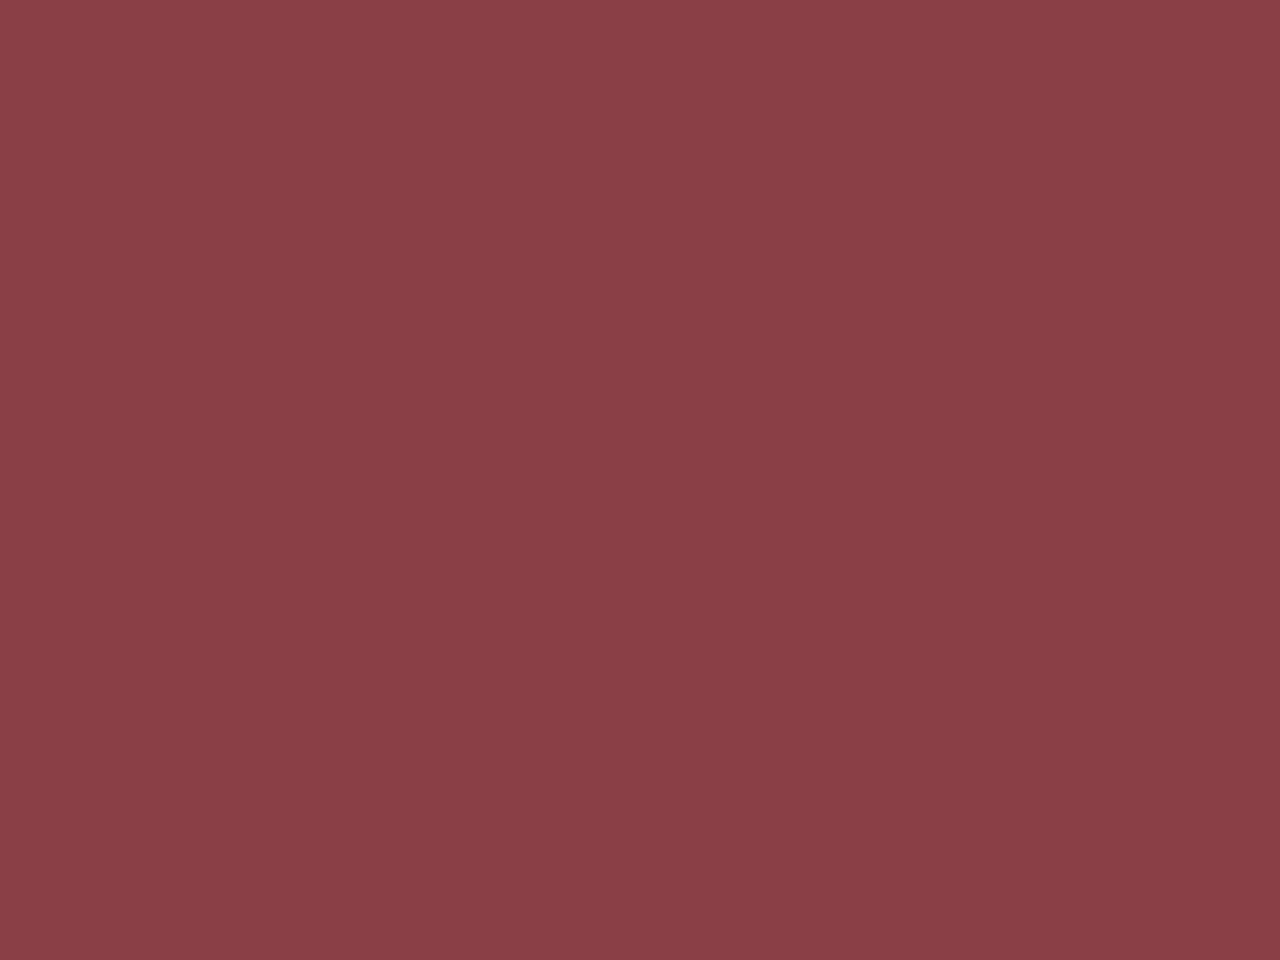 1280x960 Cordovan Solid Color Background